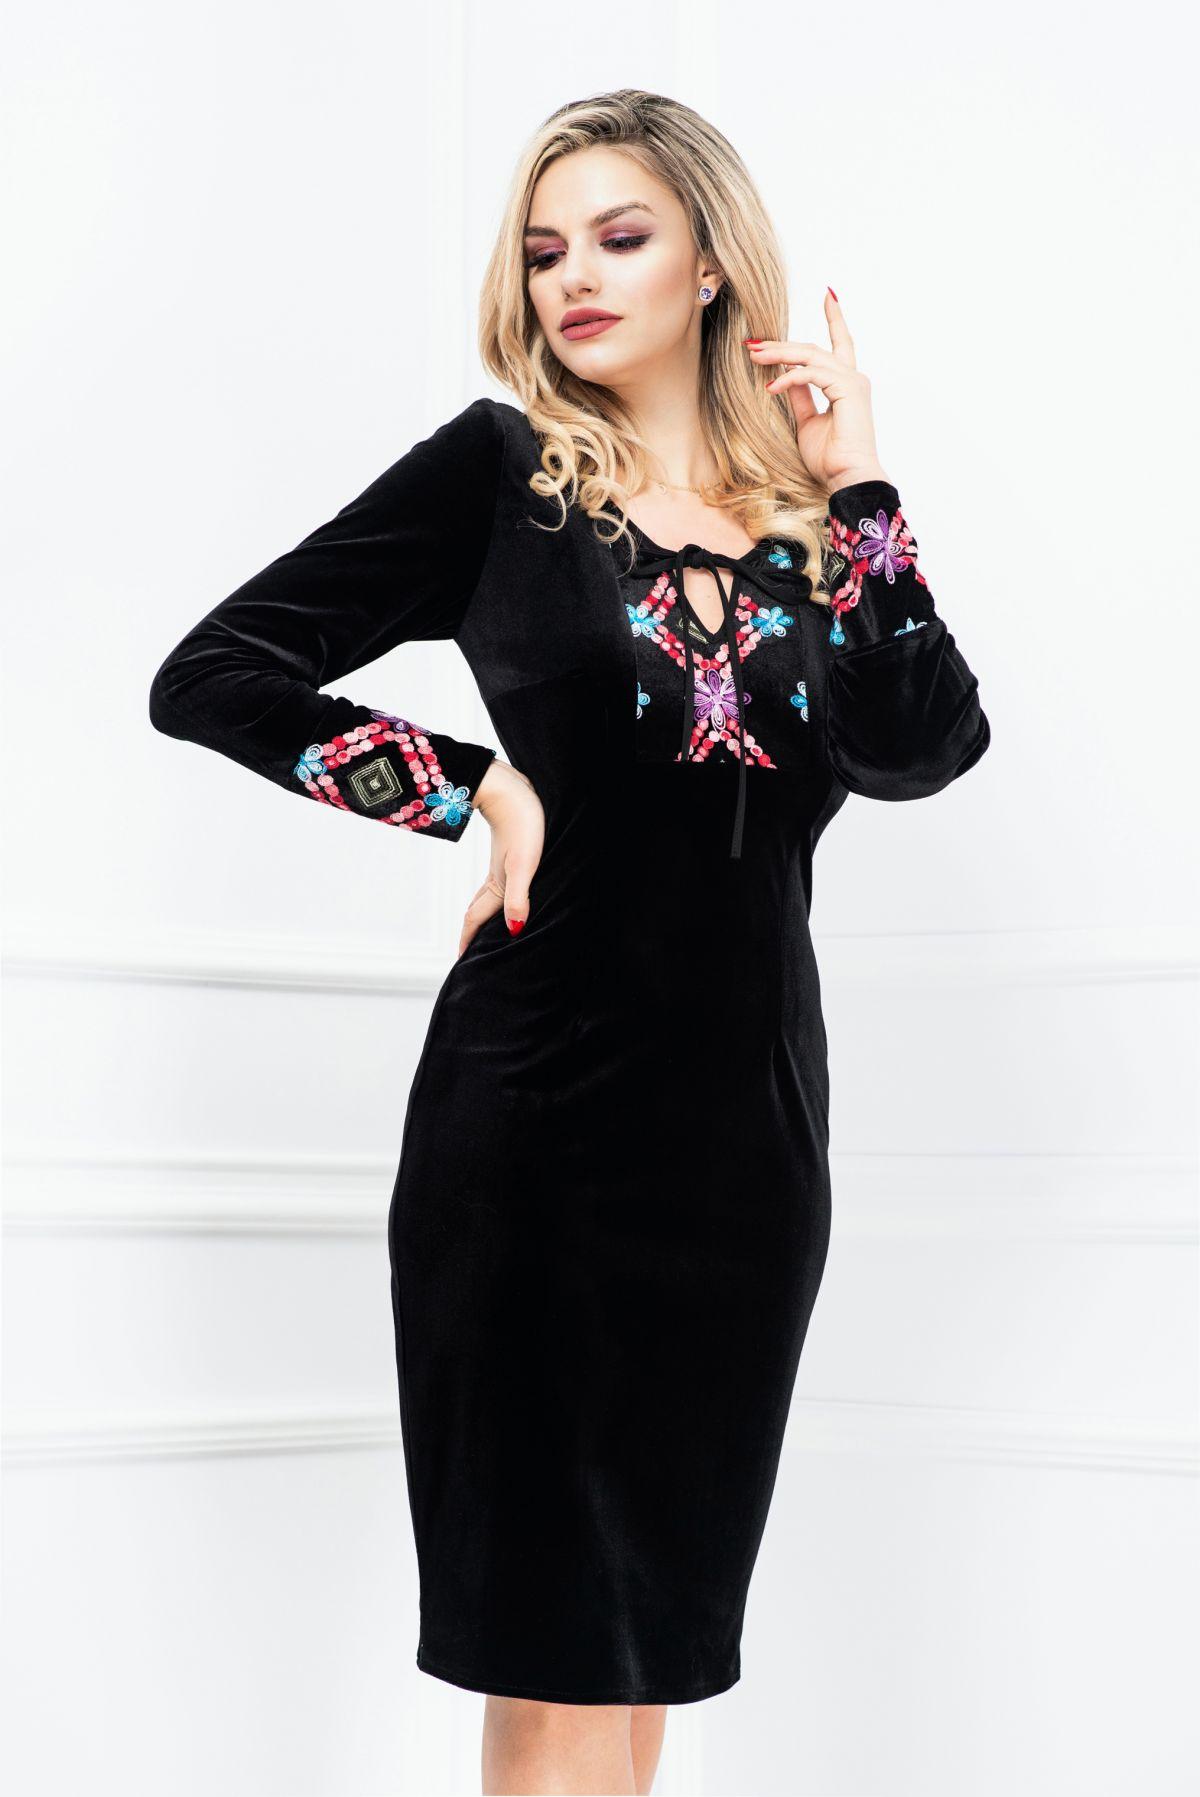 Rochie neagra din catifea cu broderie florala multicolora Moze